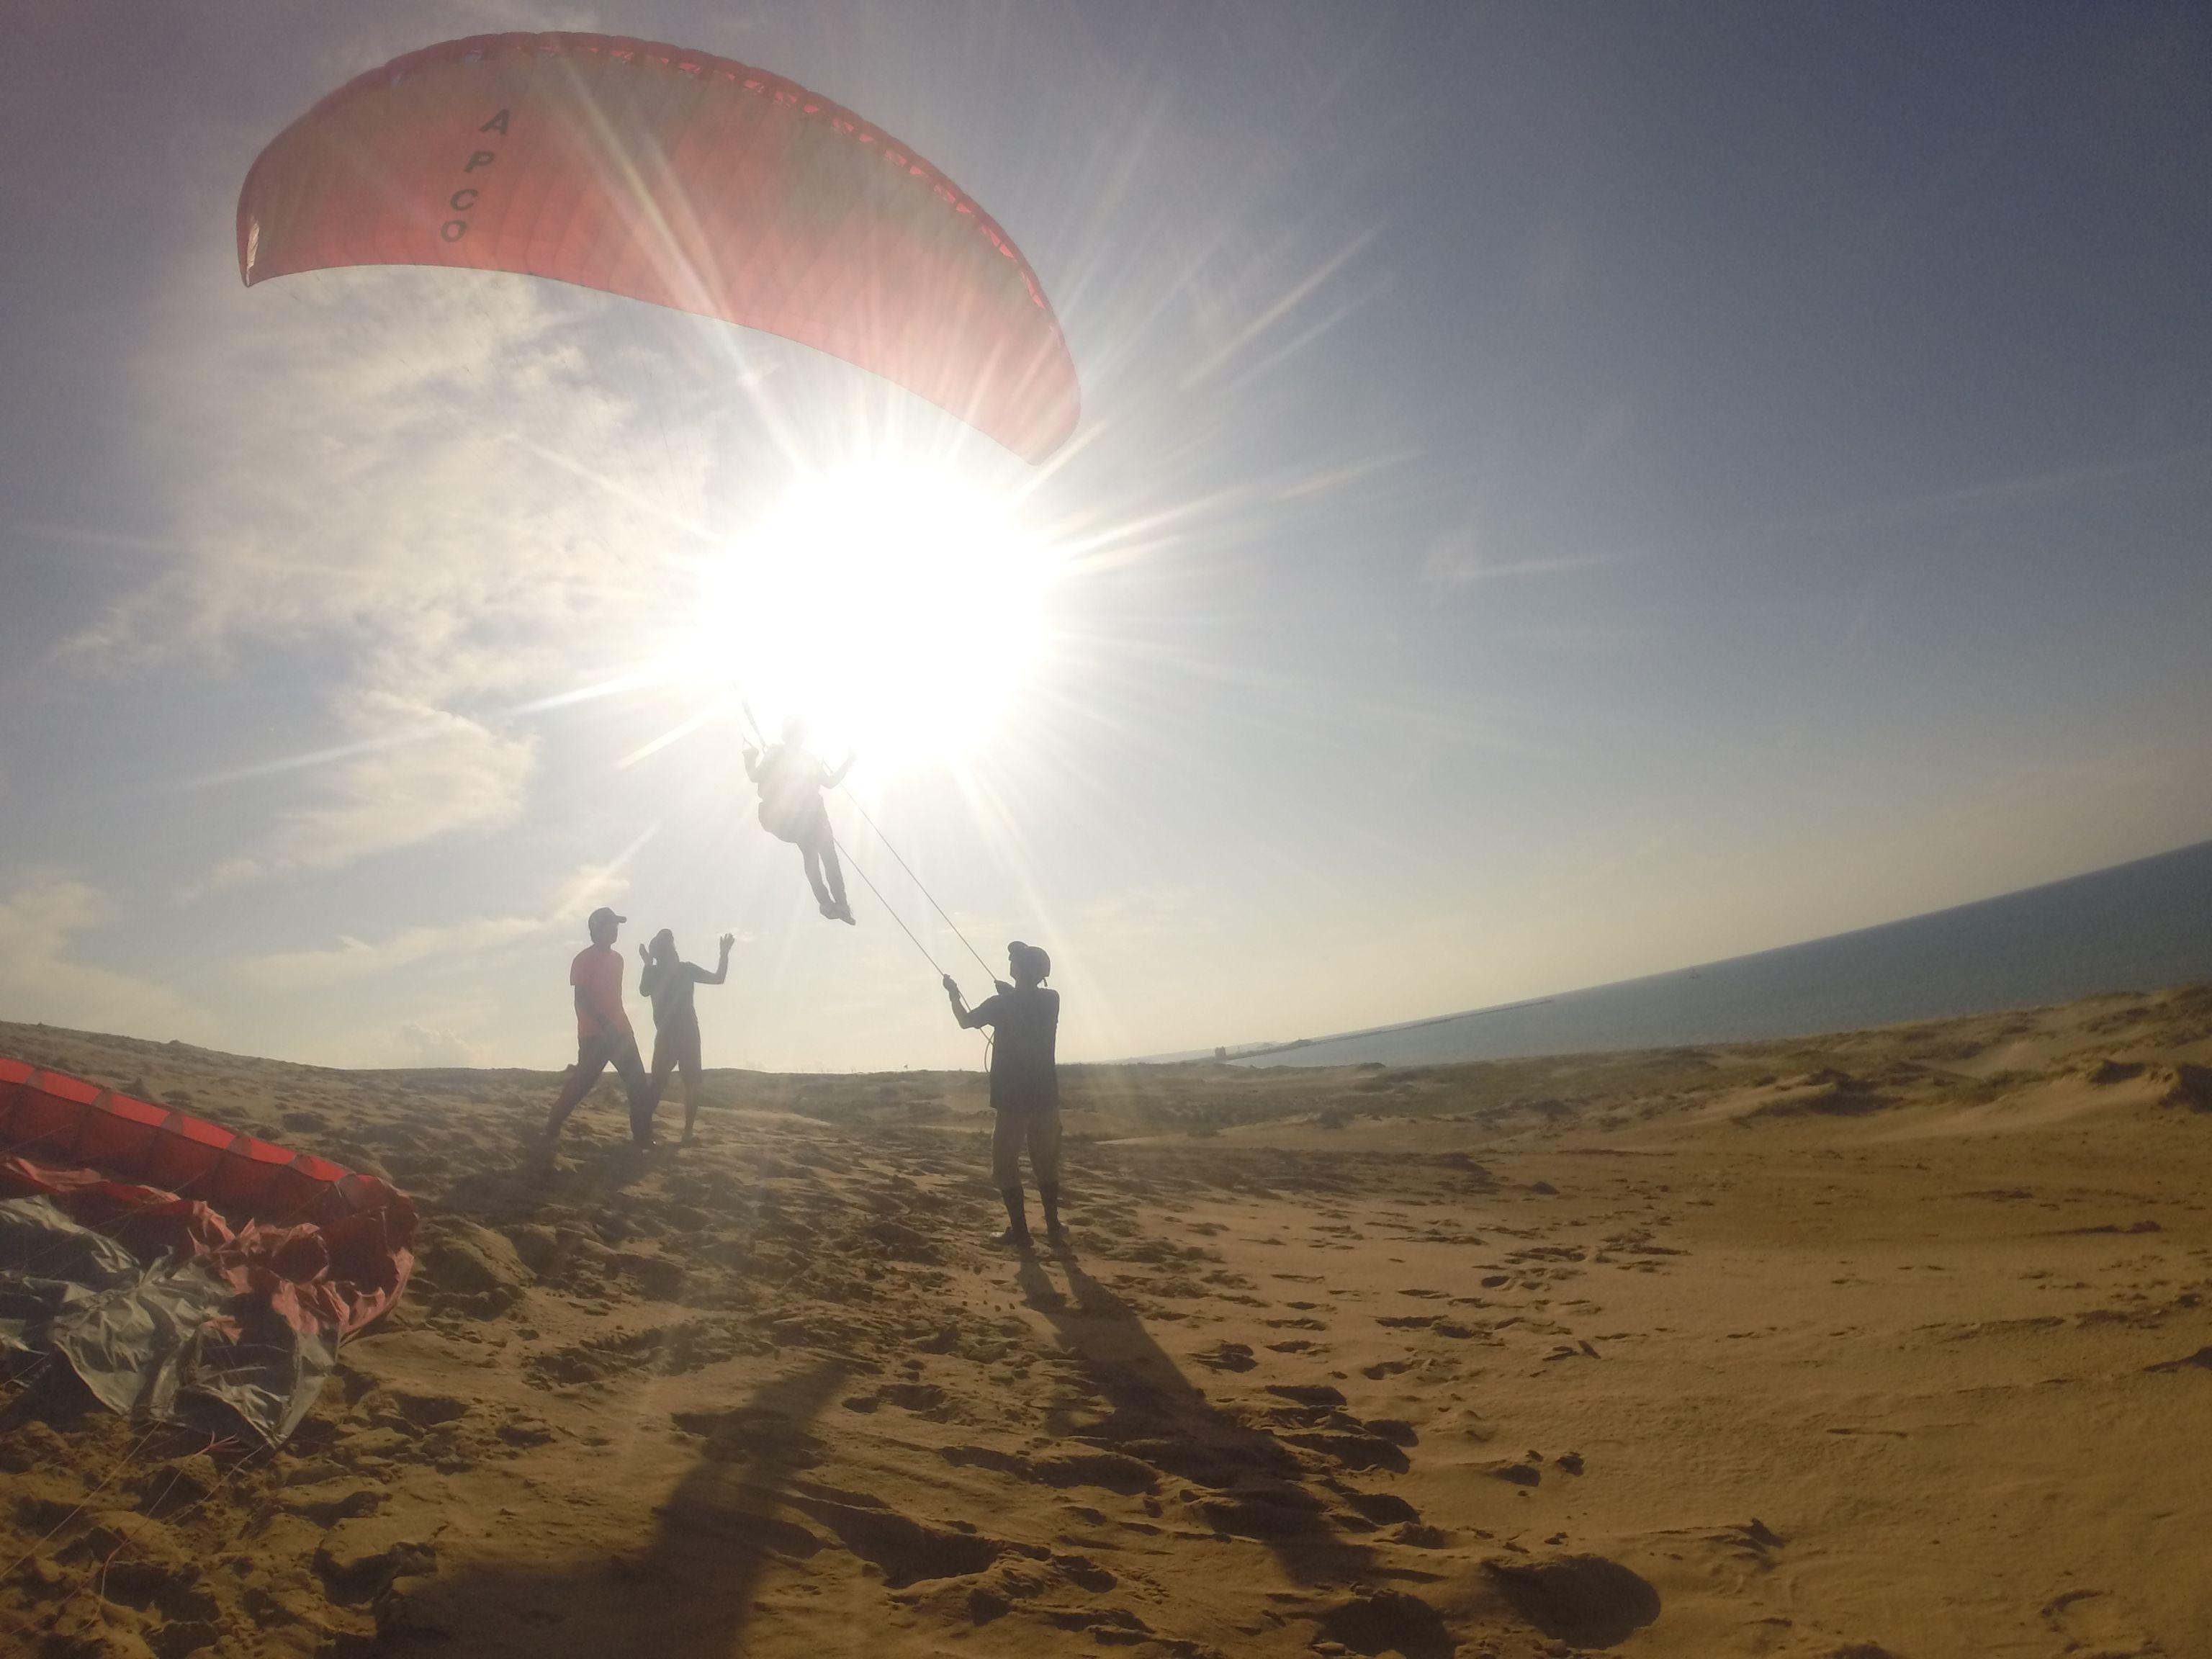 美しい夕陽をバックに飛ぶパラグライダー